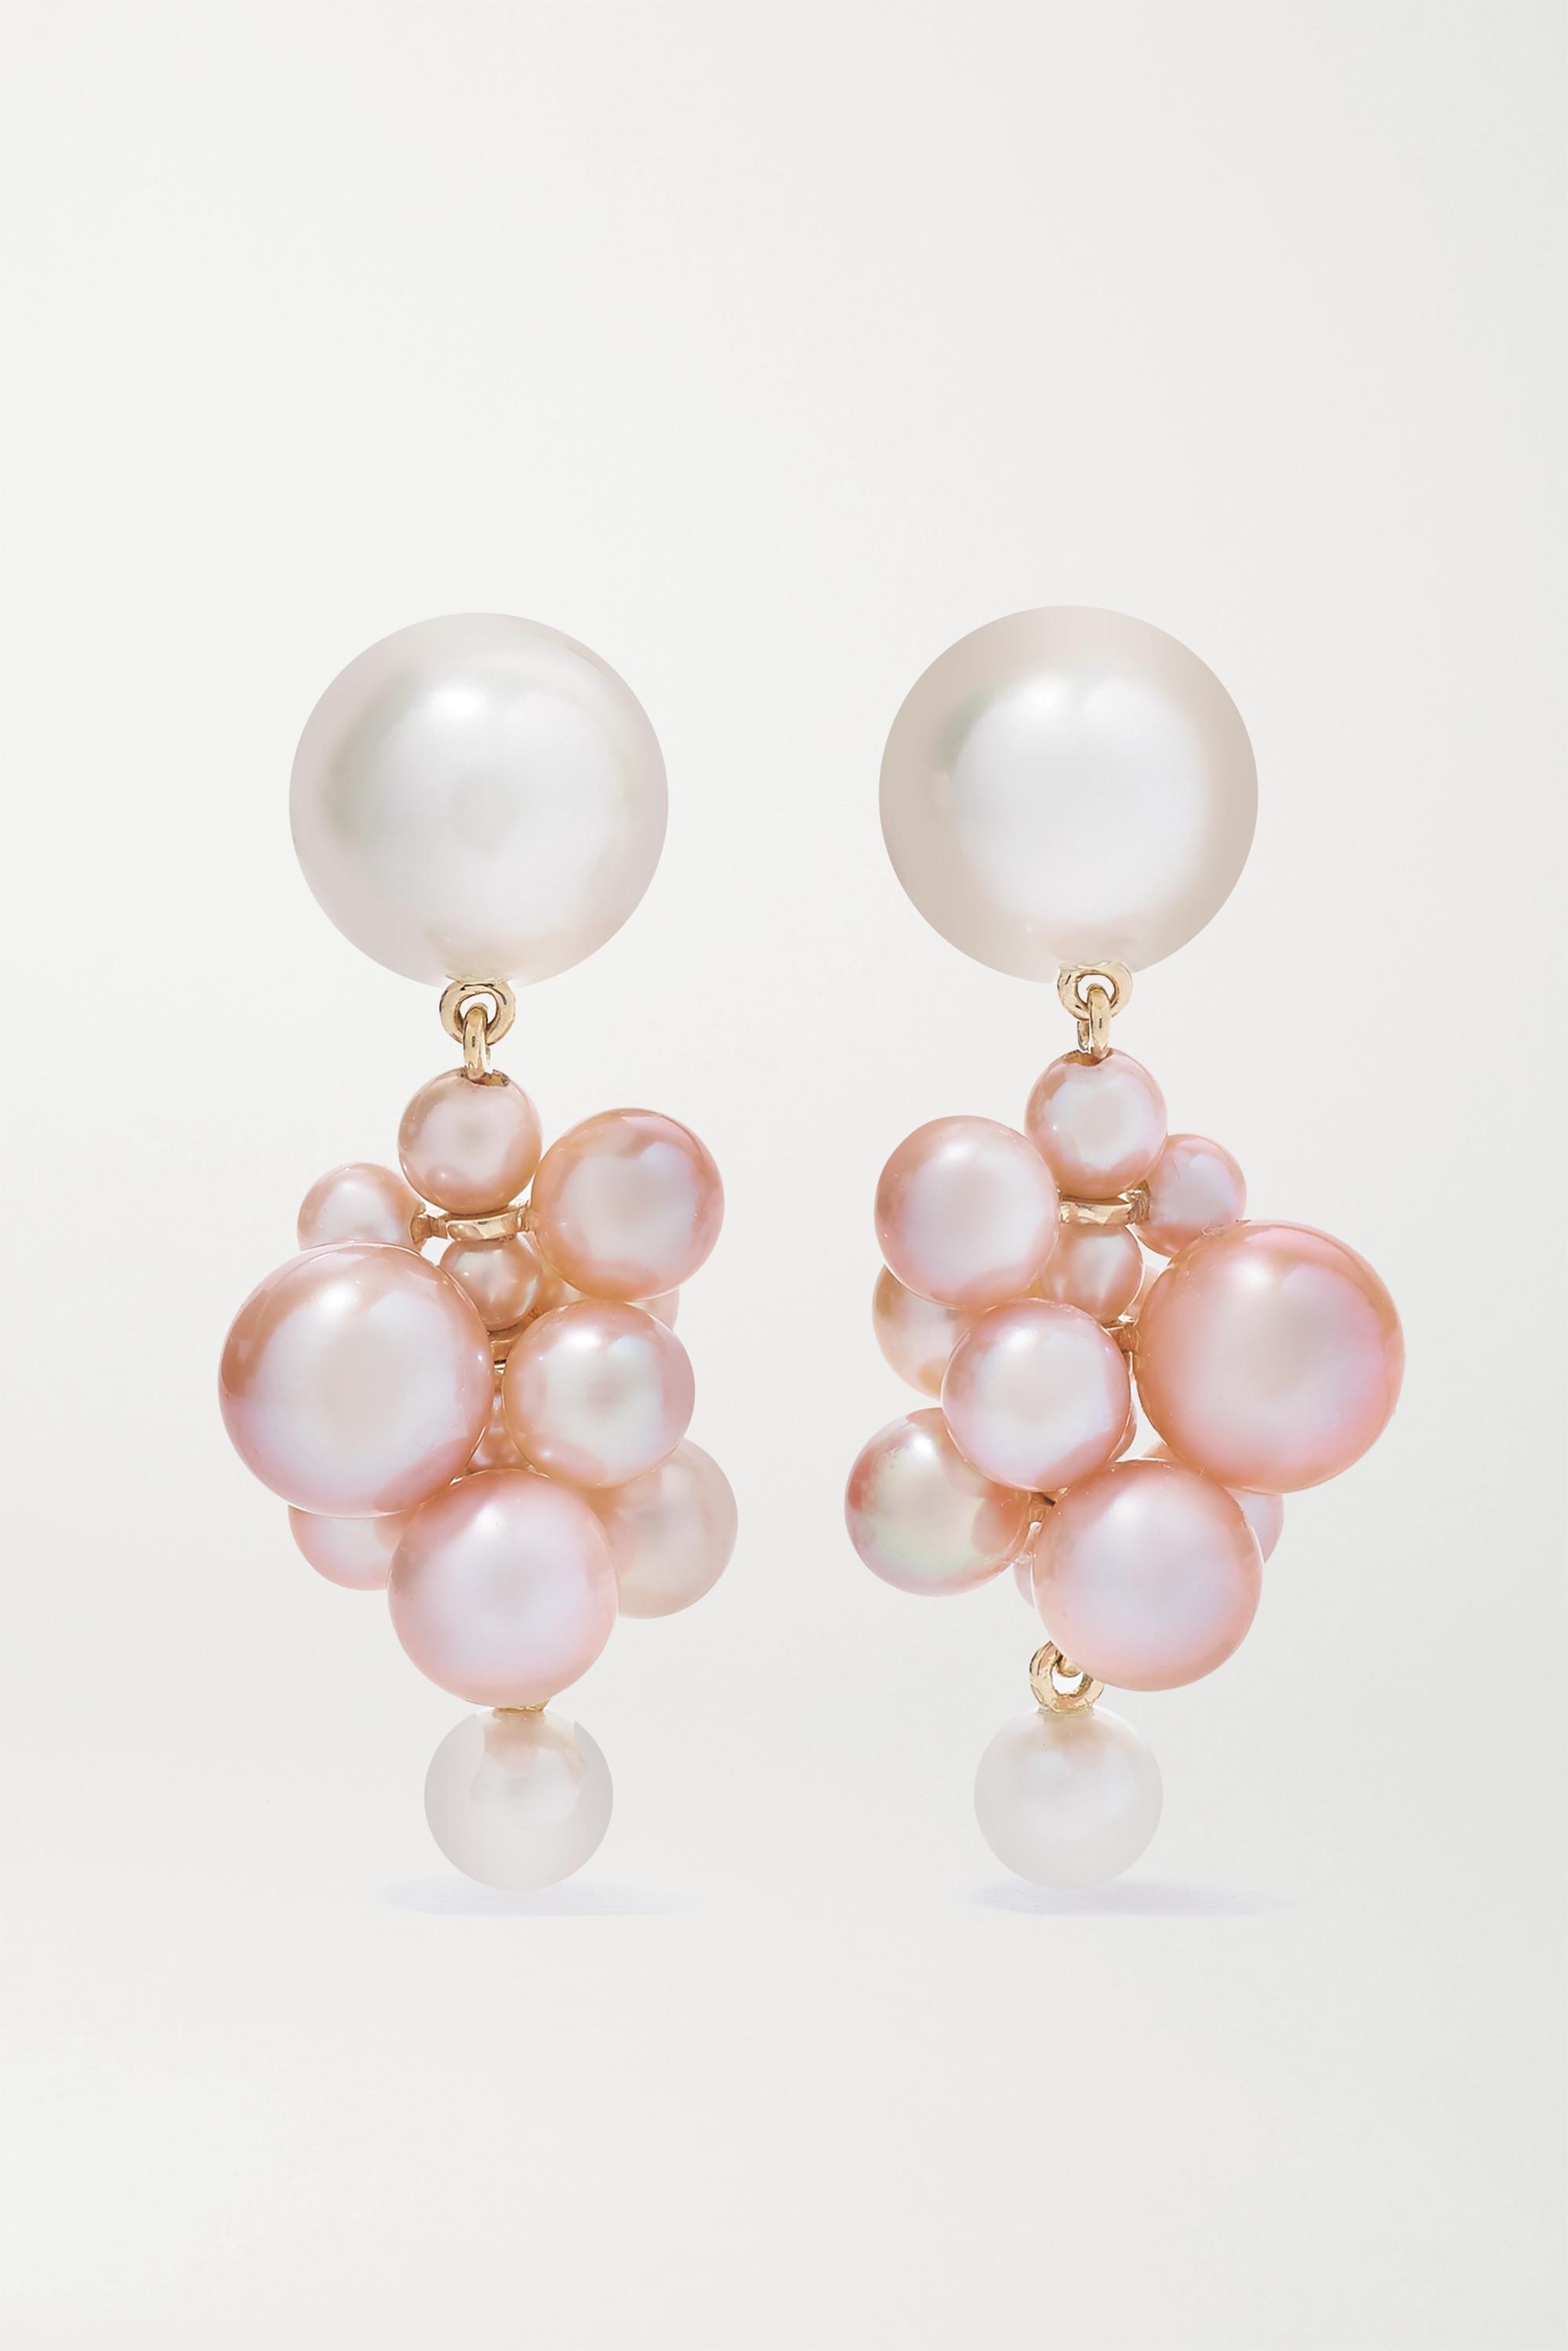 Sophie Bille Brahe Boucles d'oreilles en or 14 carats et perles Botticelli Rose